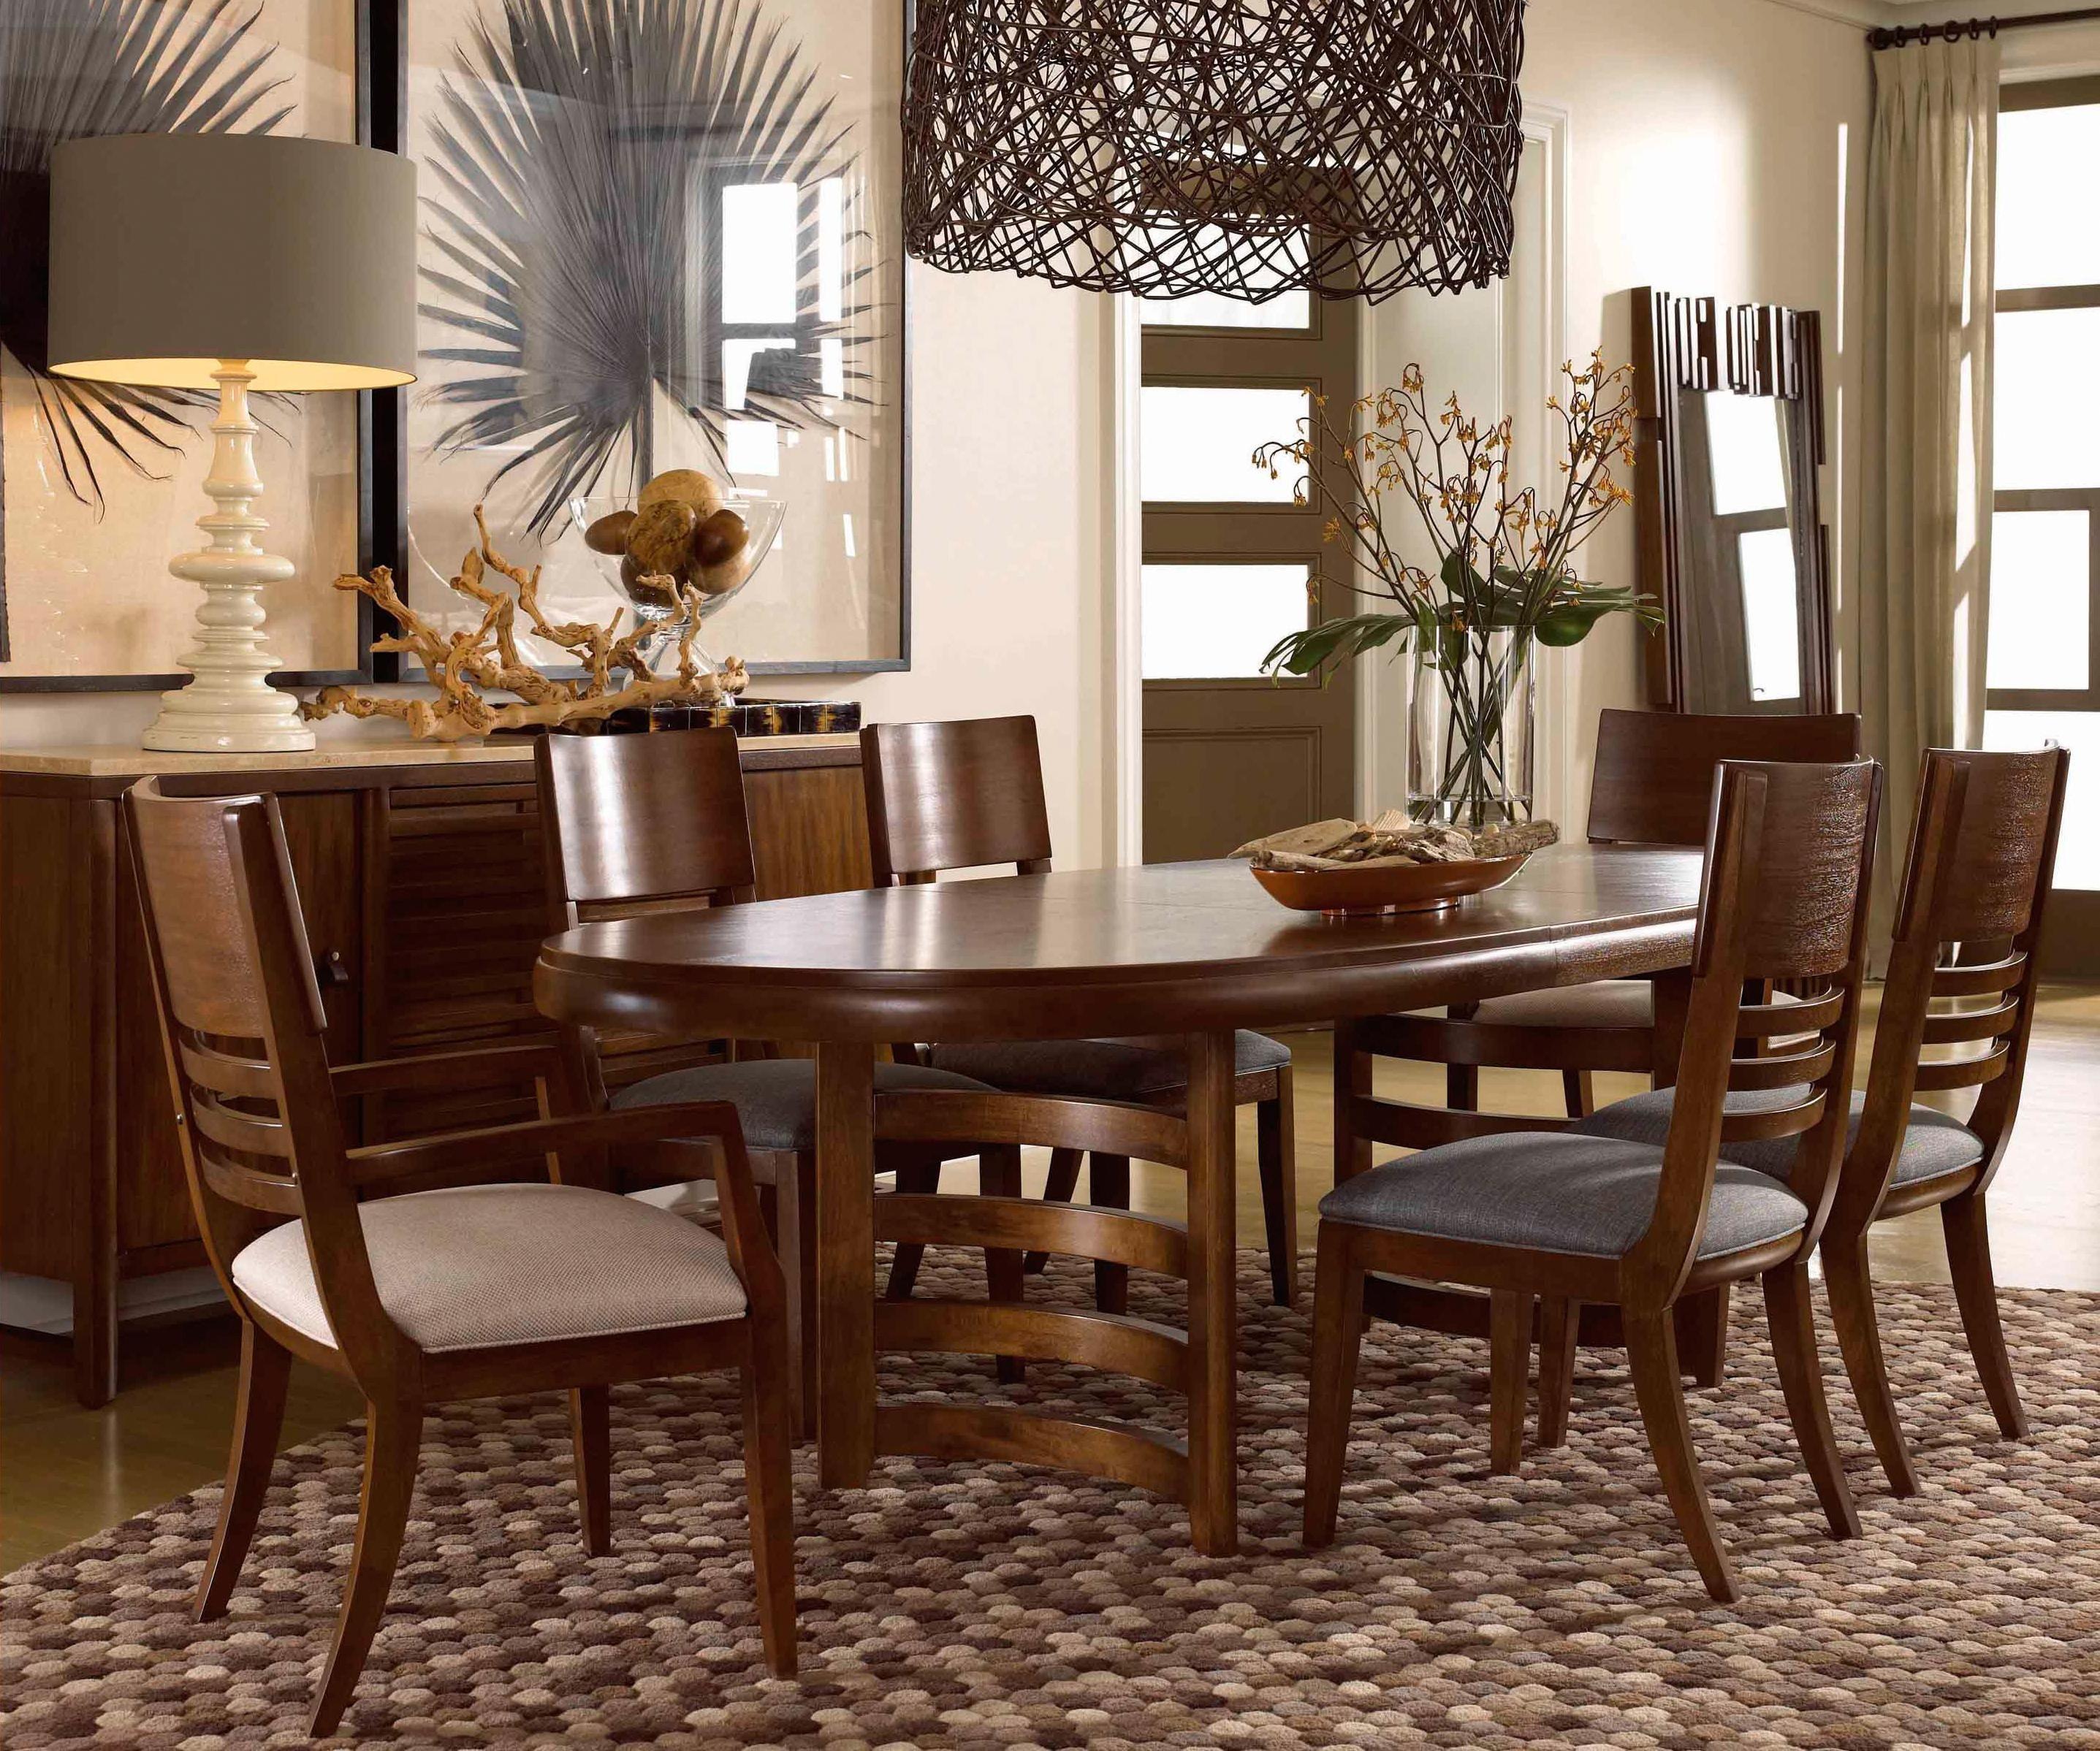 Renderings Formal Dining Room Group by Drexel Heritage®